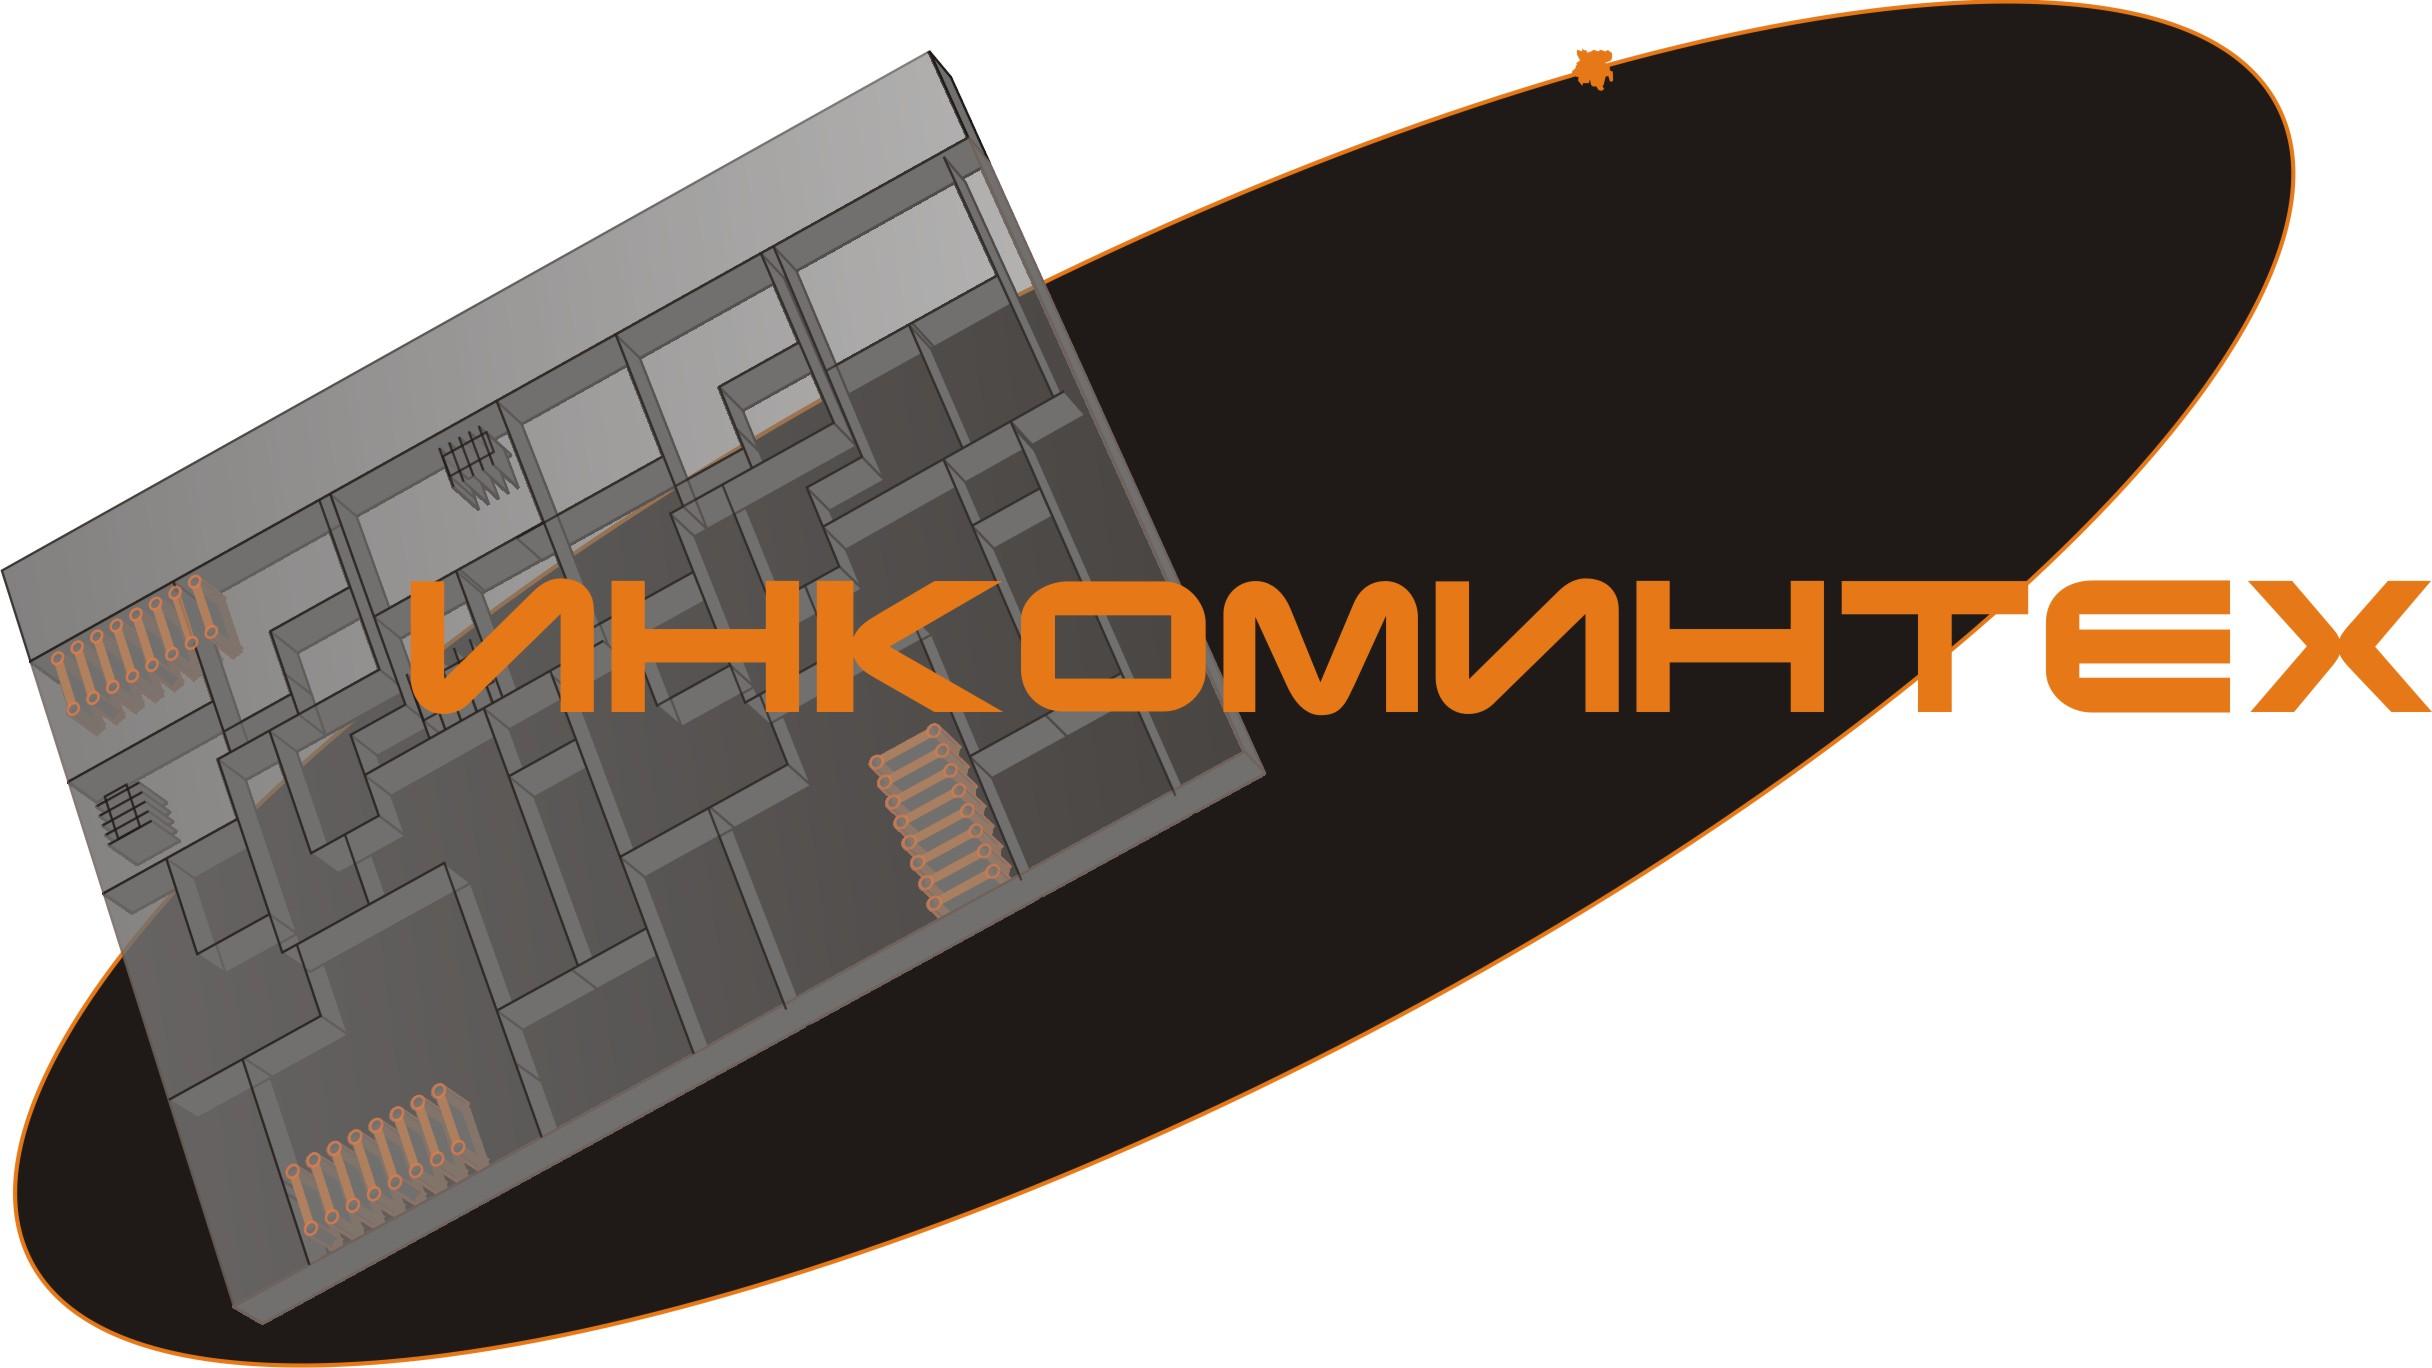 """Разработка логотипа компании """"Инкоминтех"""" фото f_4da4ac6c5cafc.jpg"""